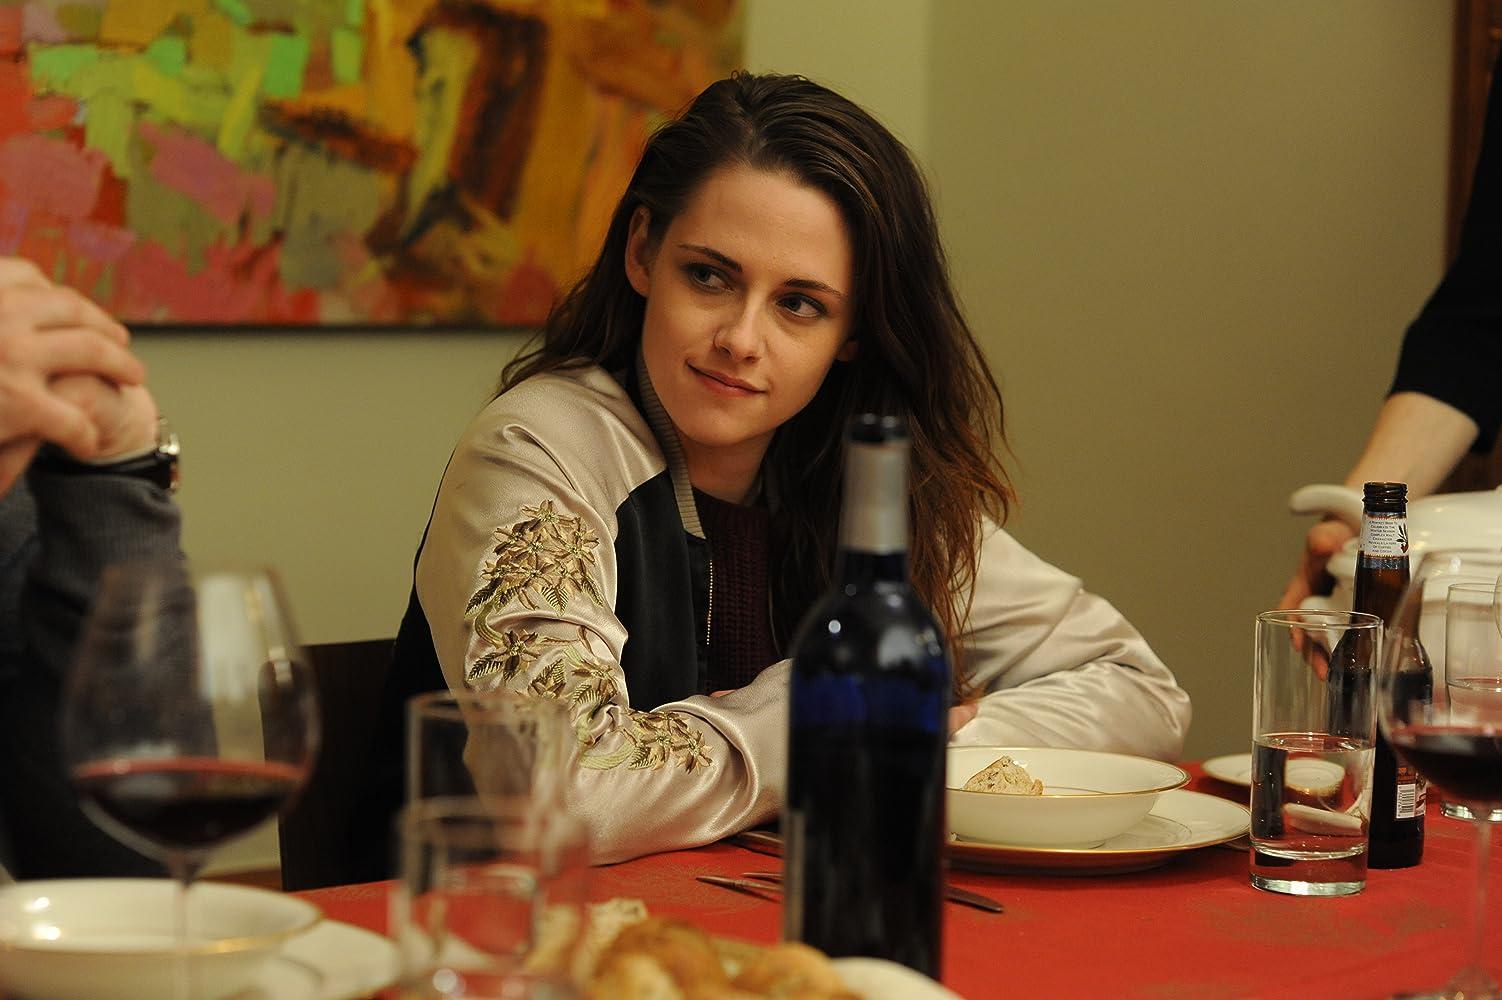 Kristen Stewart in Still Alice (2014)